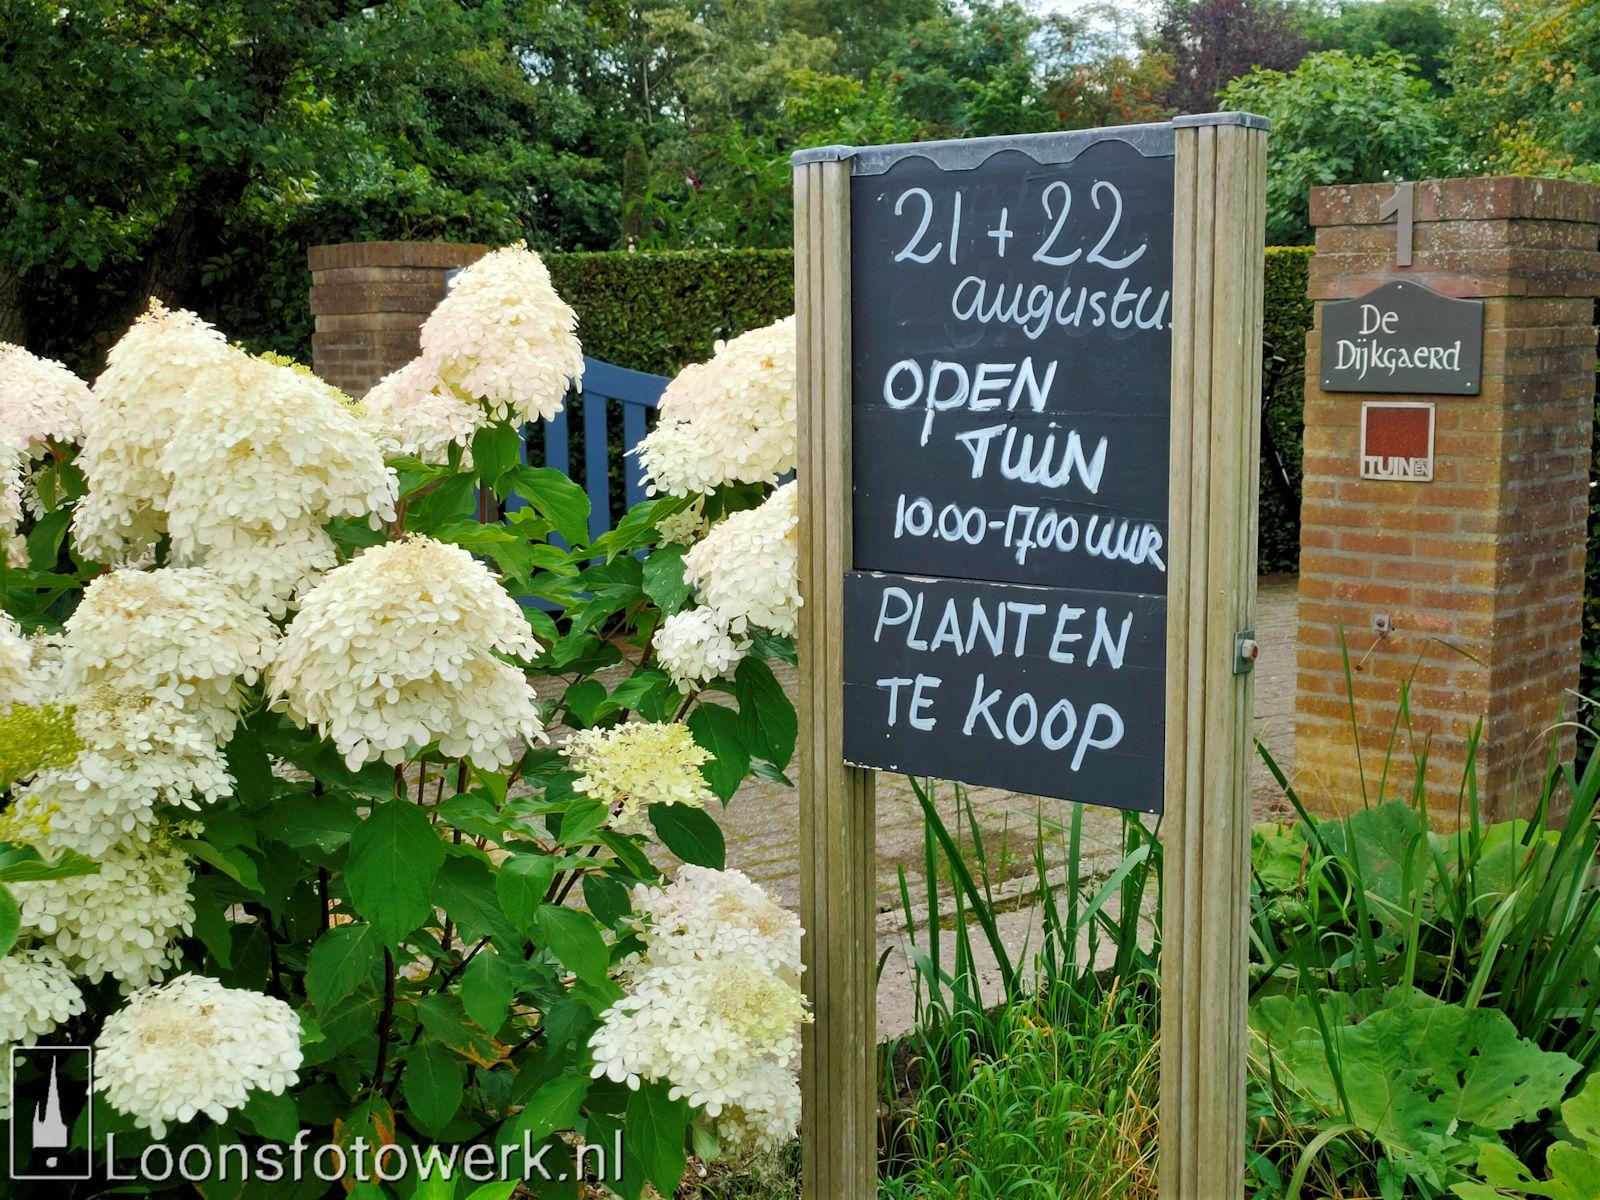 Open tuinendagen - De Dijkgaerd 3